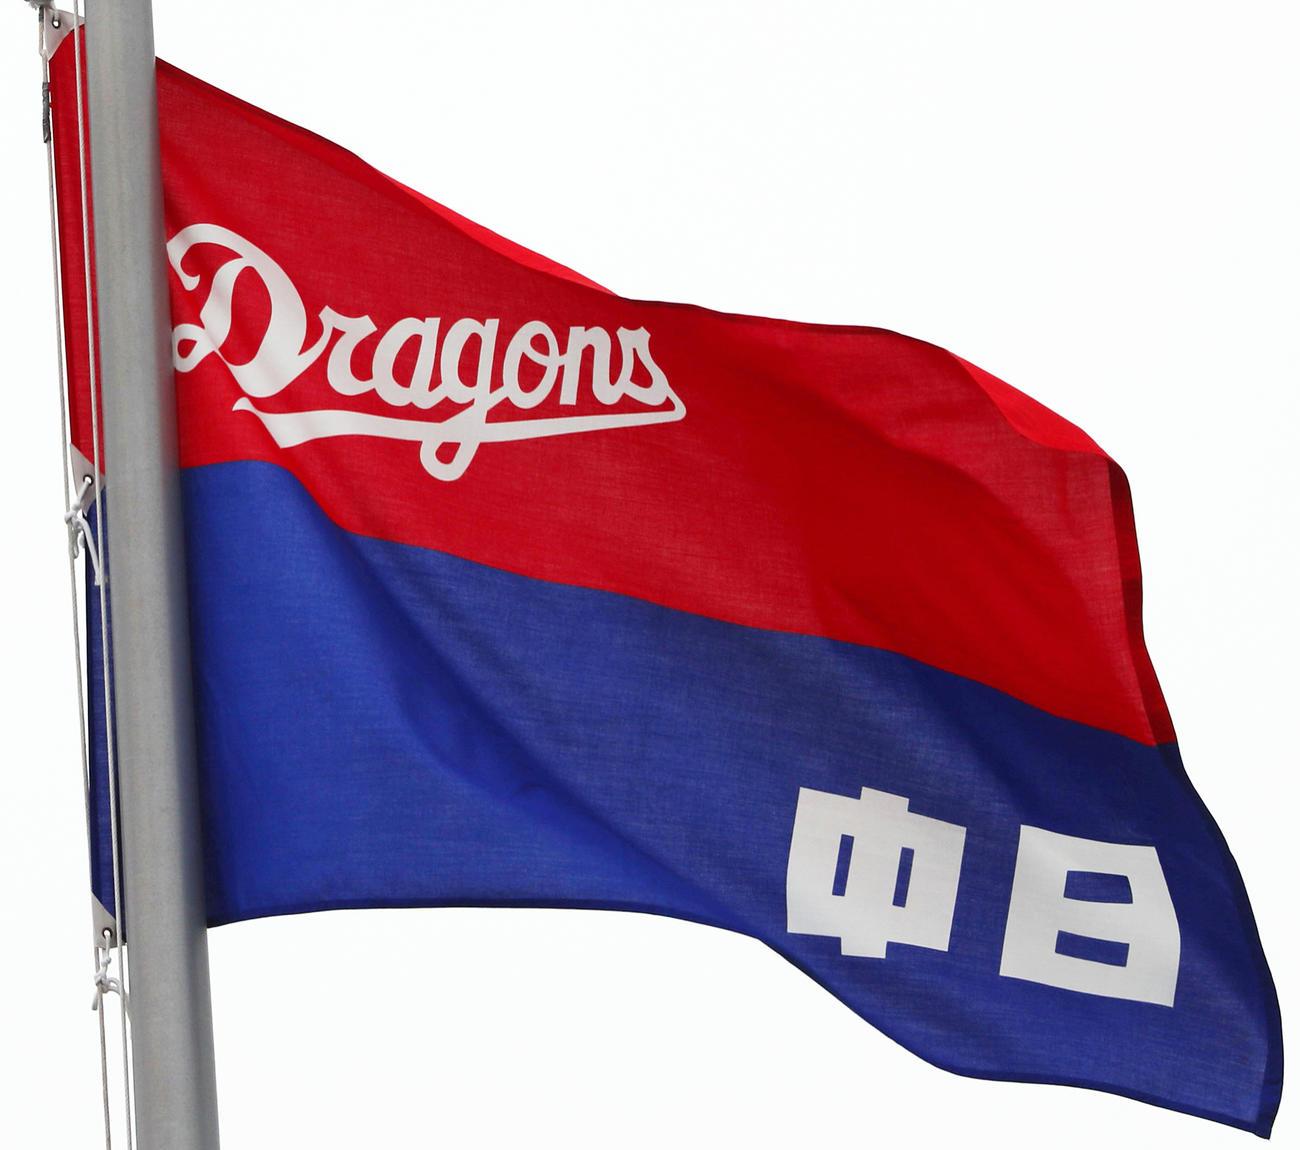 中日の球団旗